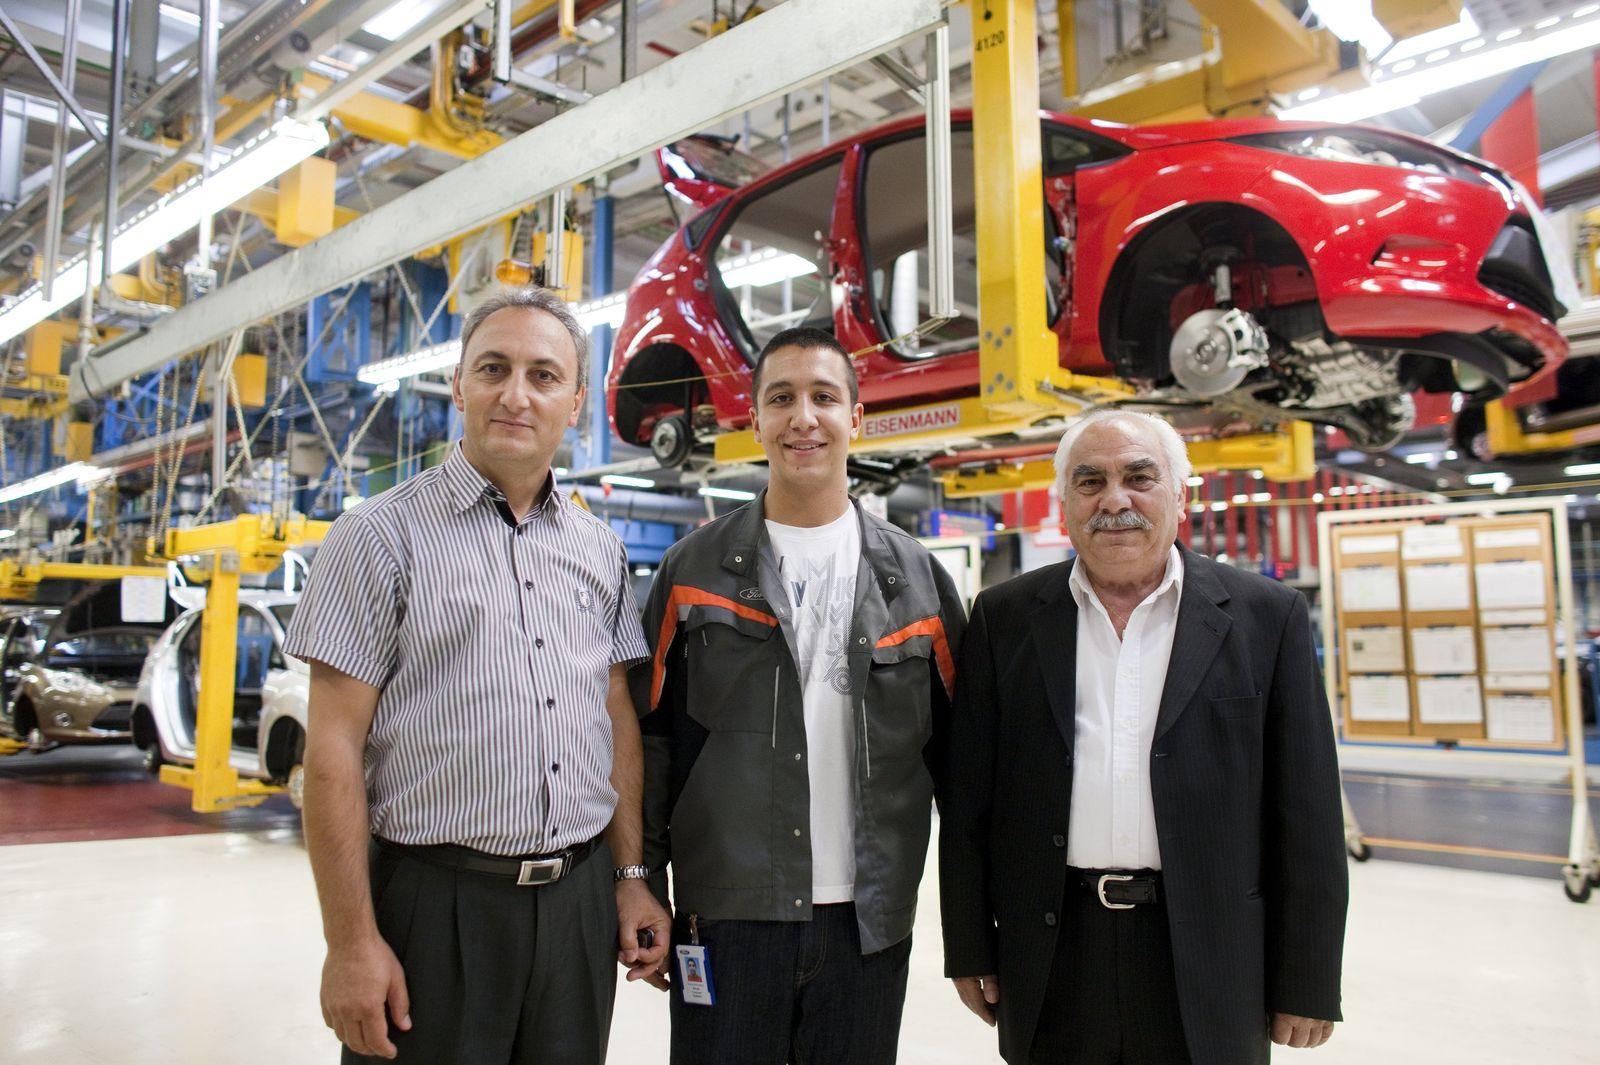 Autowerkstatt / Arbeiter / Ausländer